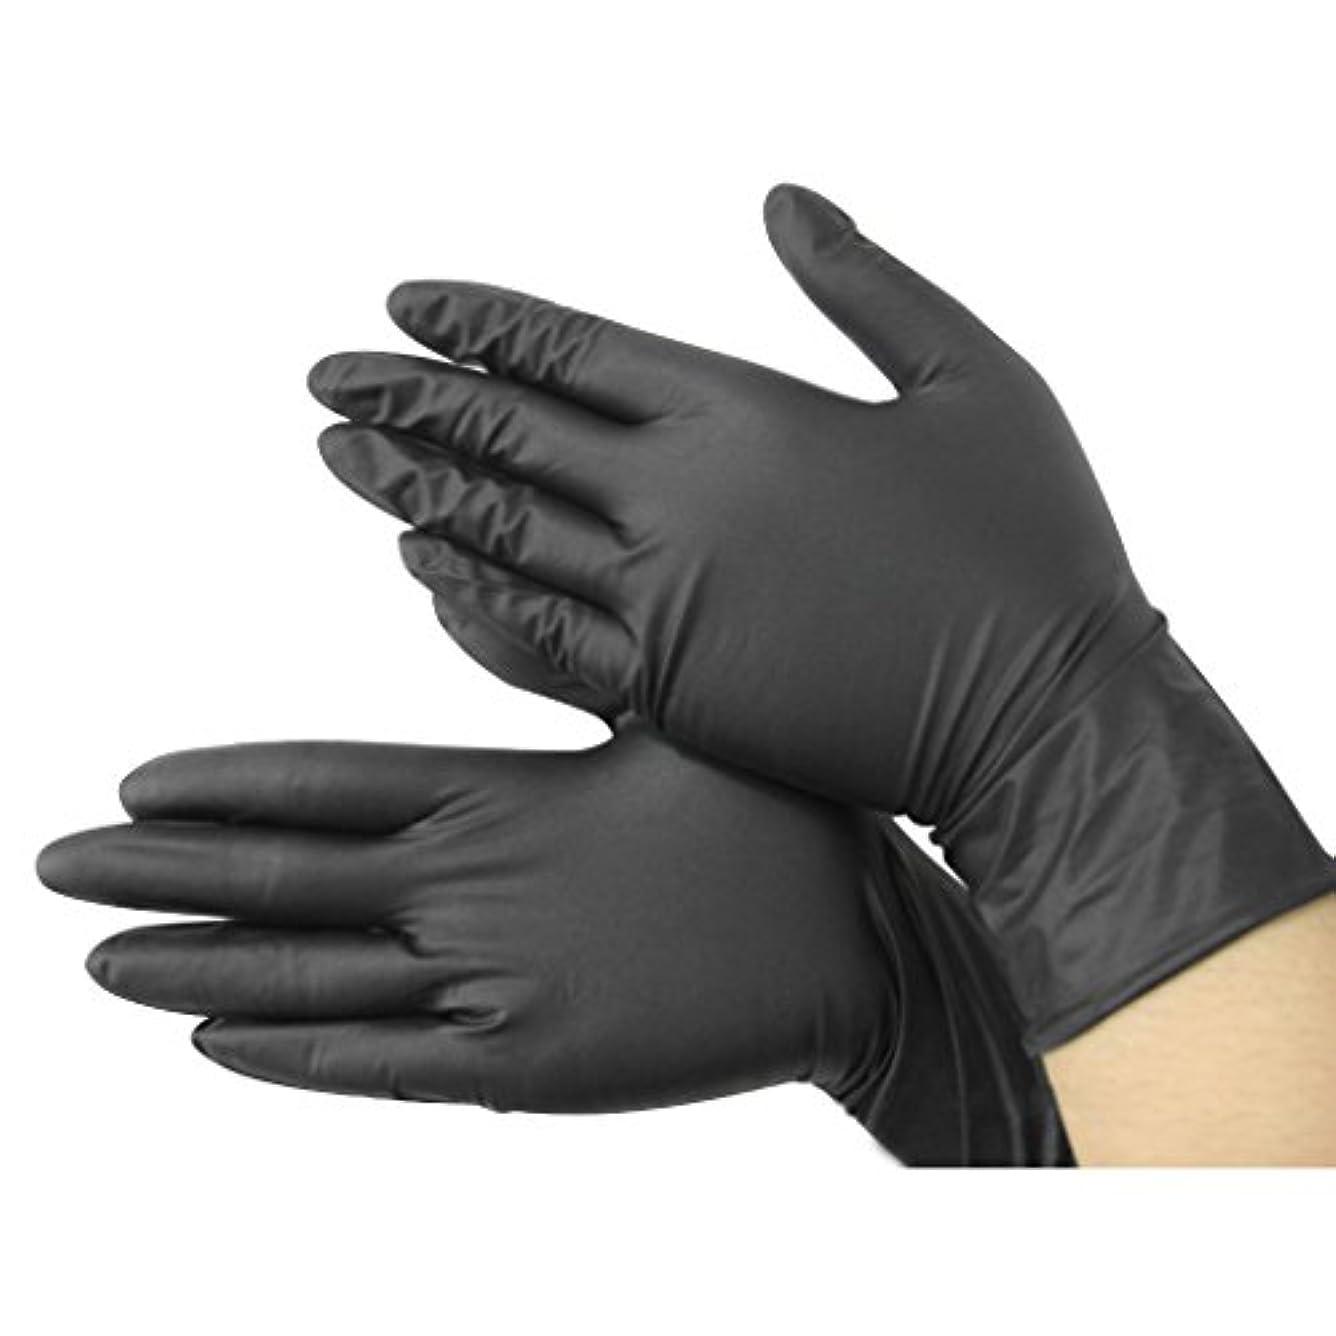 労働者伴うカップCUHAWUDBA 黒いニトリル使い捨てクール手袋 パワーフリーX100 - 入れ墨 - メカニック 新しい